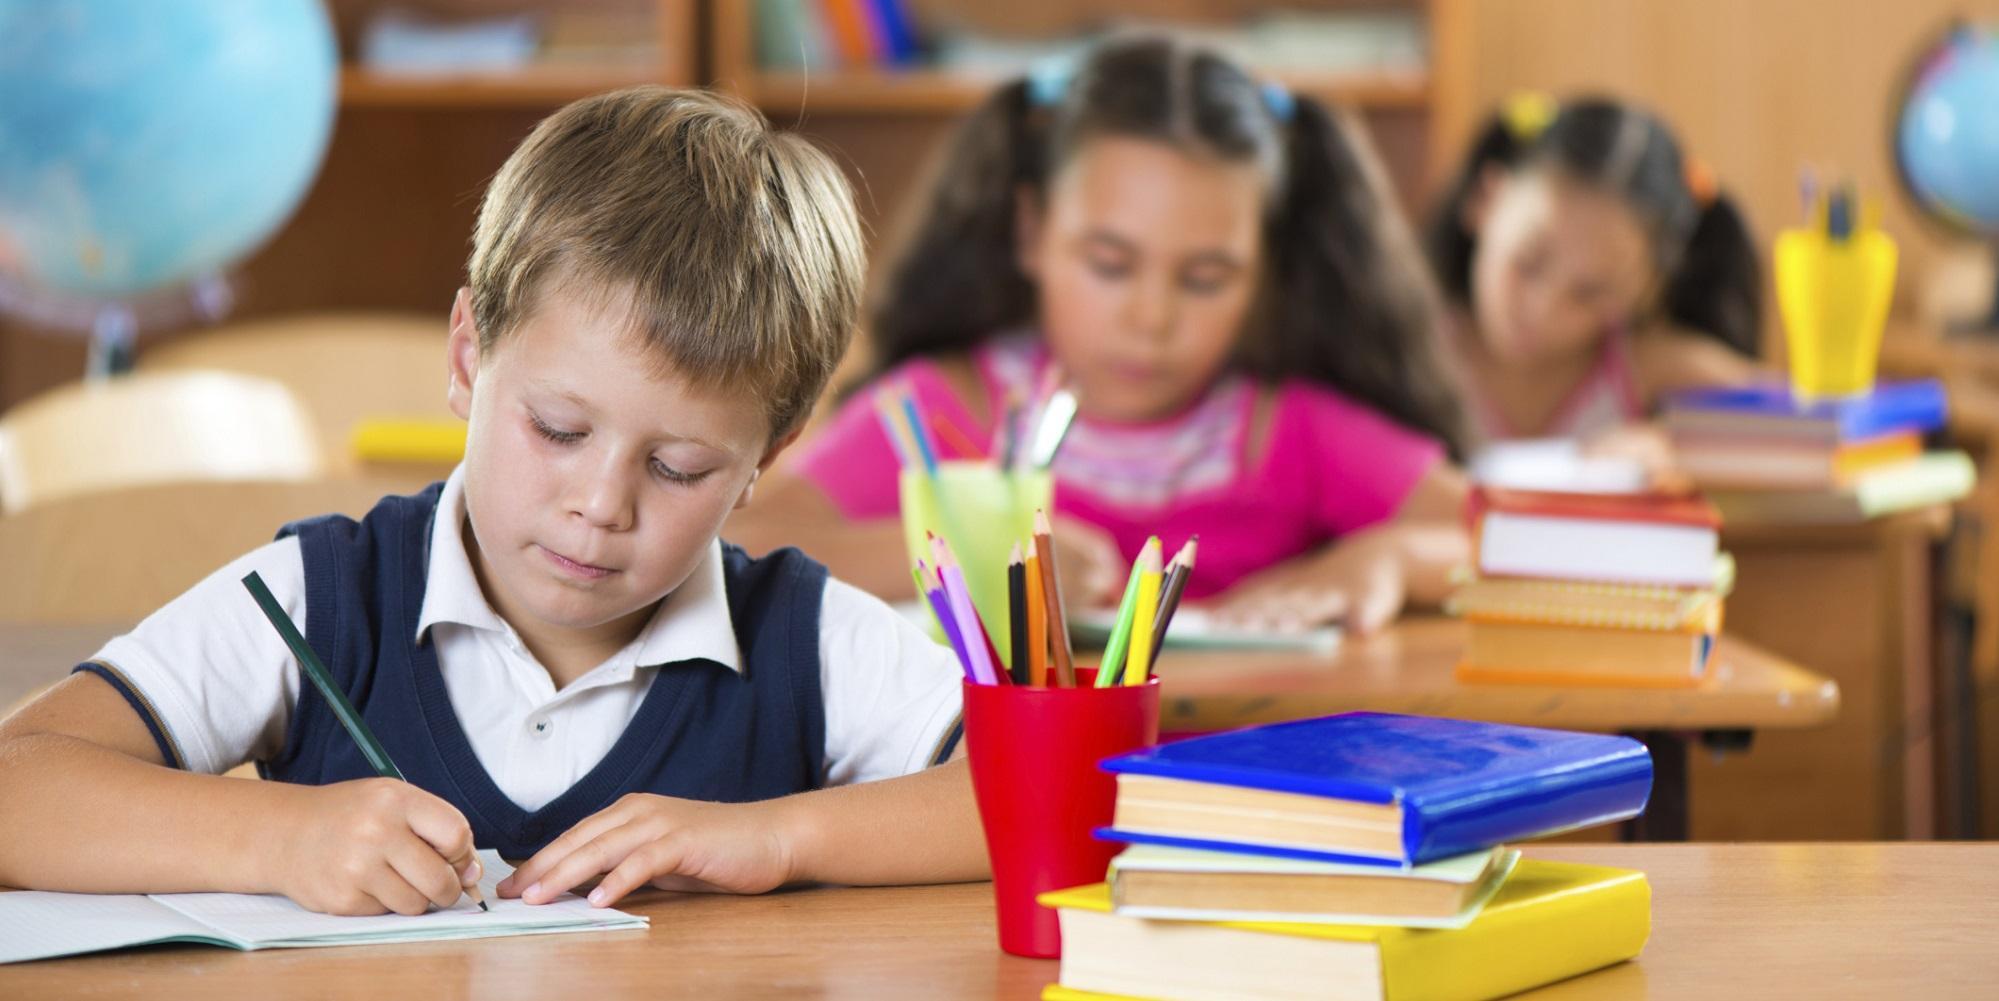 Успеваемость мальчиков в школах зависит от числа одноклассниц